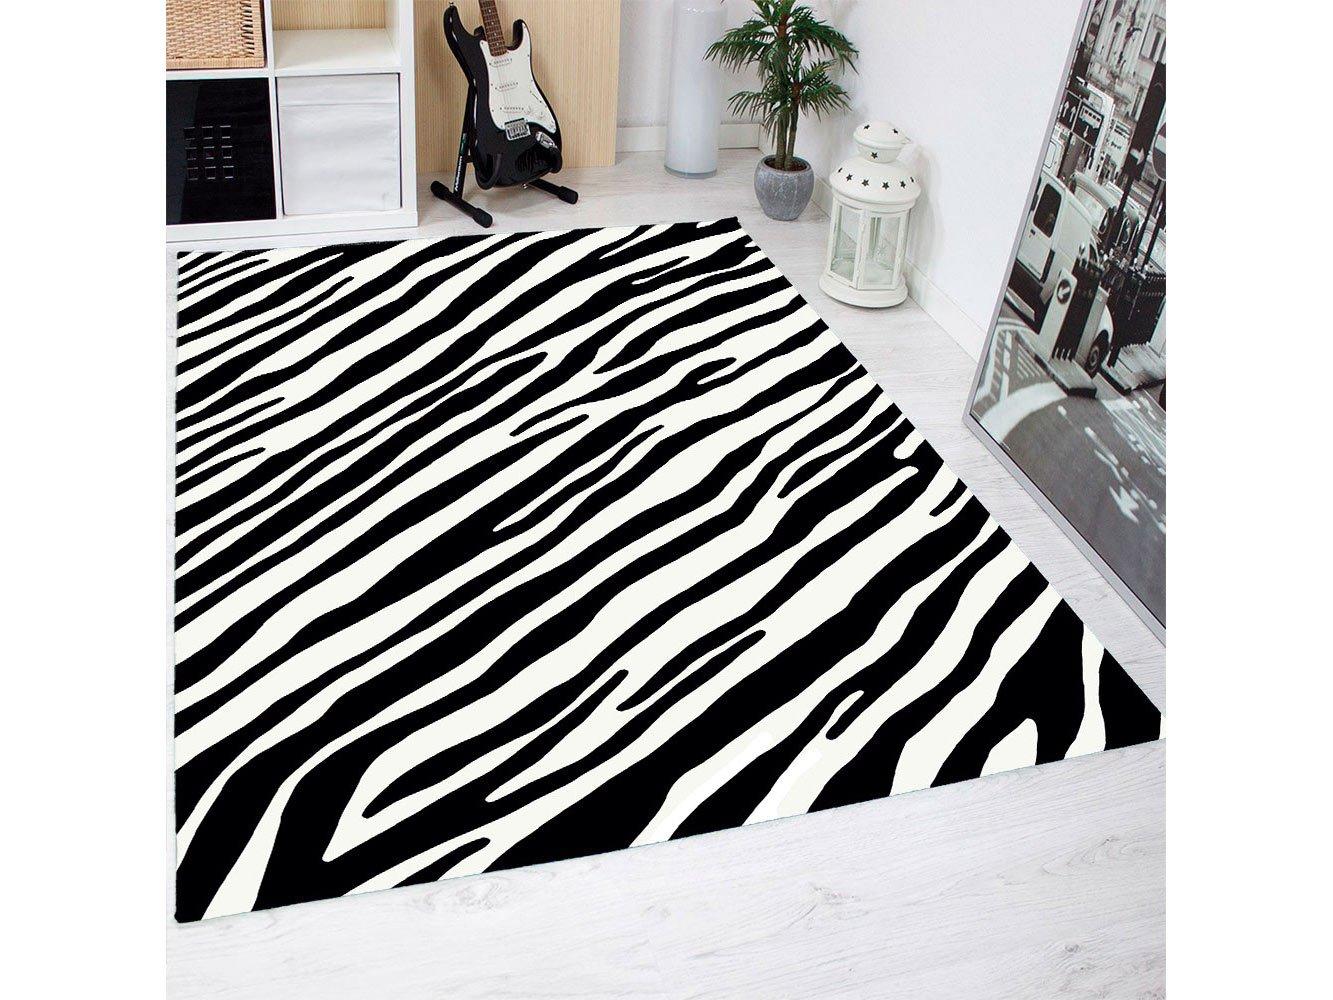 Alfombra Estampado Piel Cebras PVC | 95 cm x 95 cm | Moqueta PVC | Suelo vinilico | Decoració n del Hogar Oedim